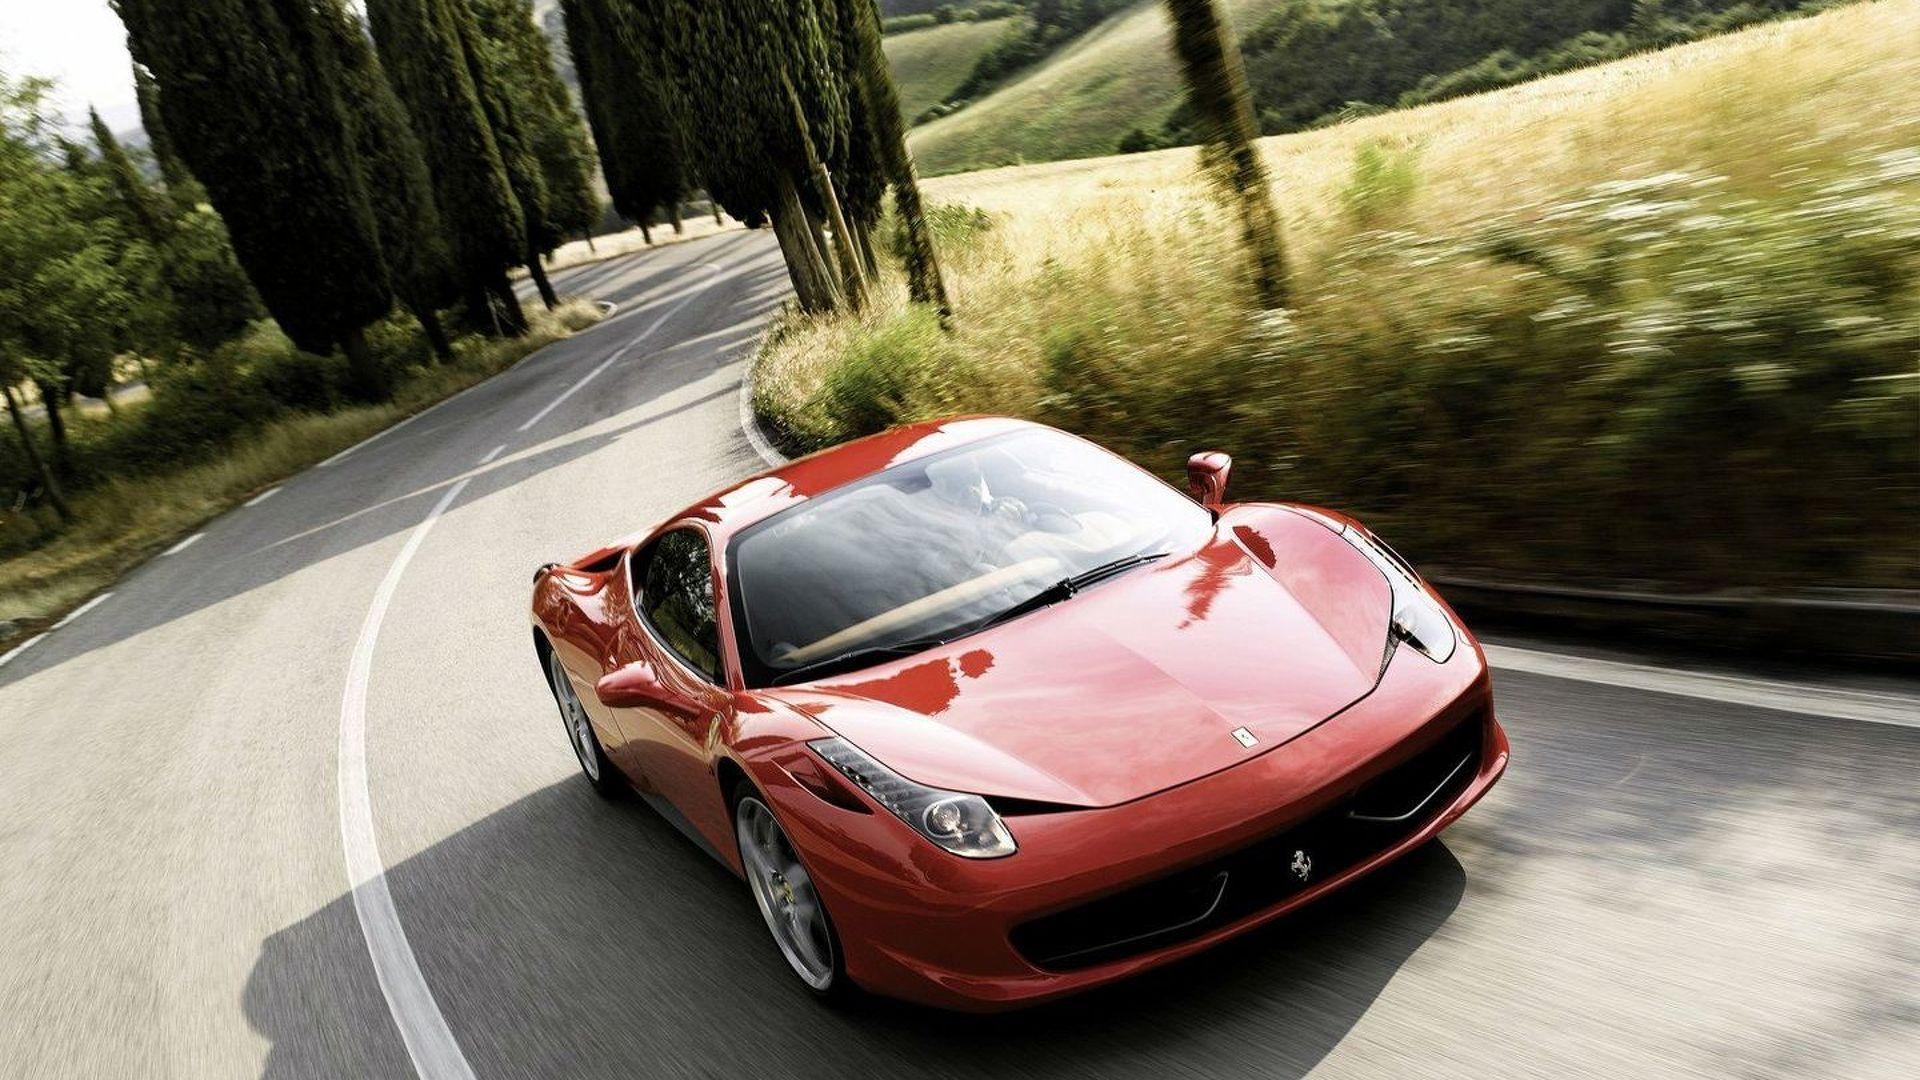 Ferrari issues 458 Italia recall over fire risk